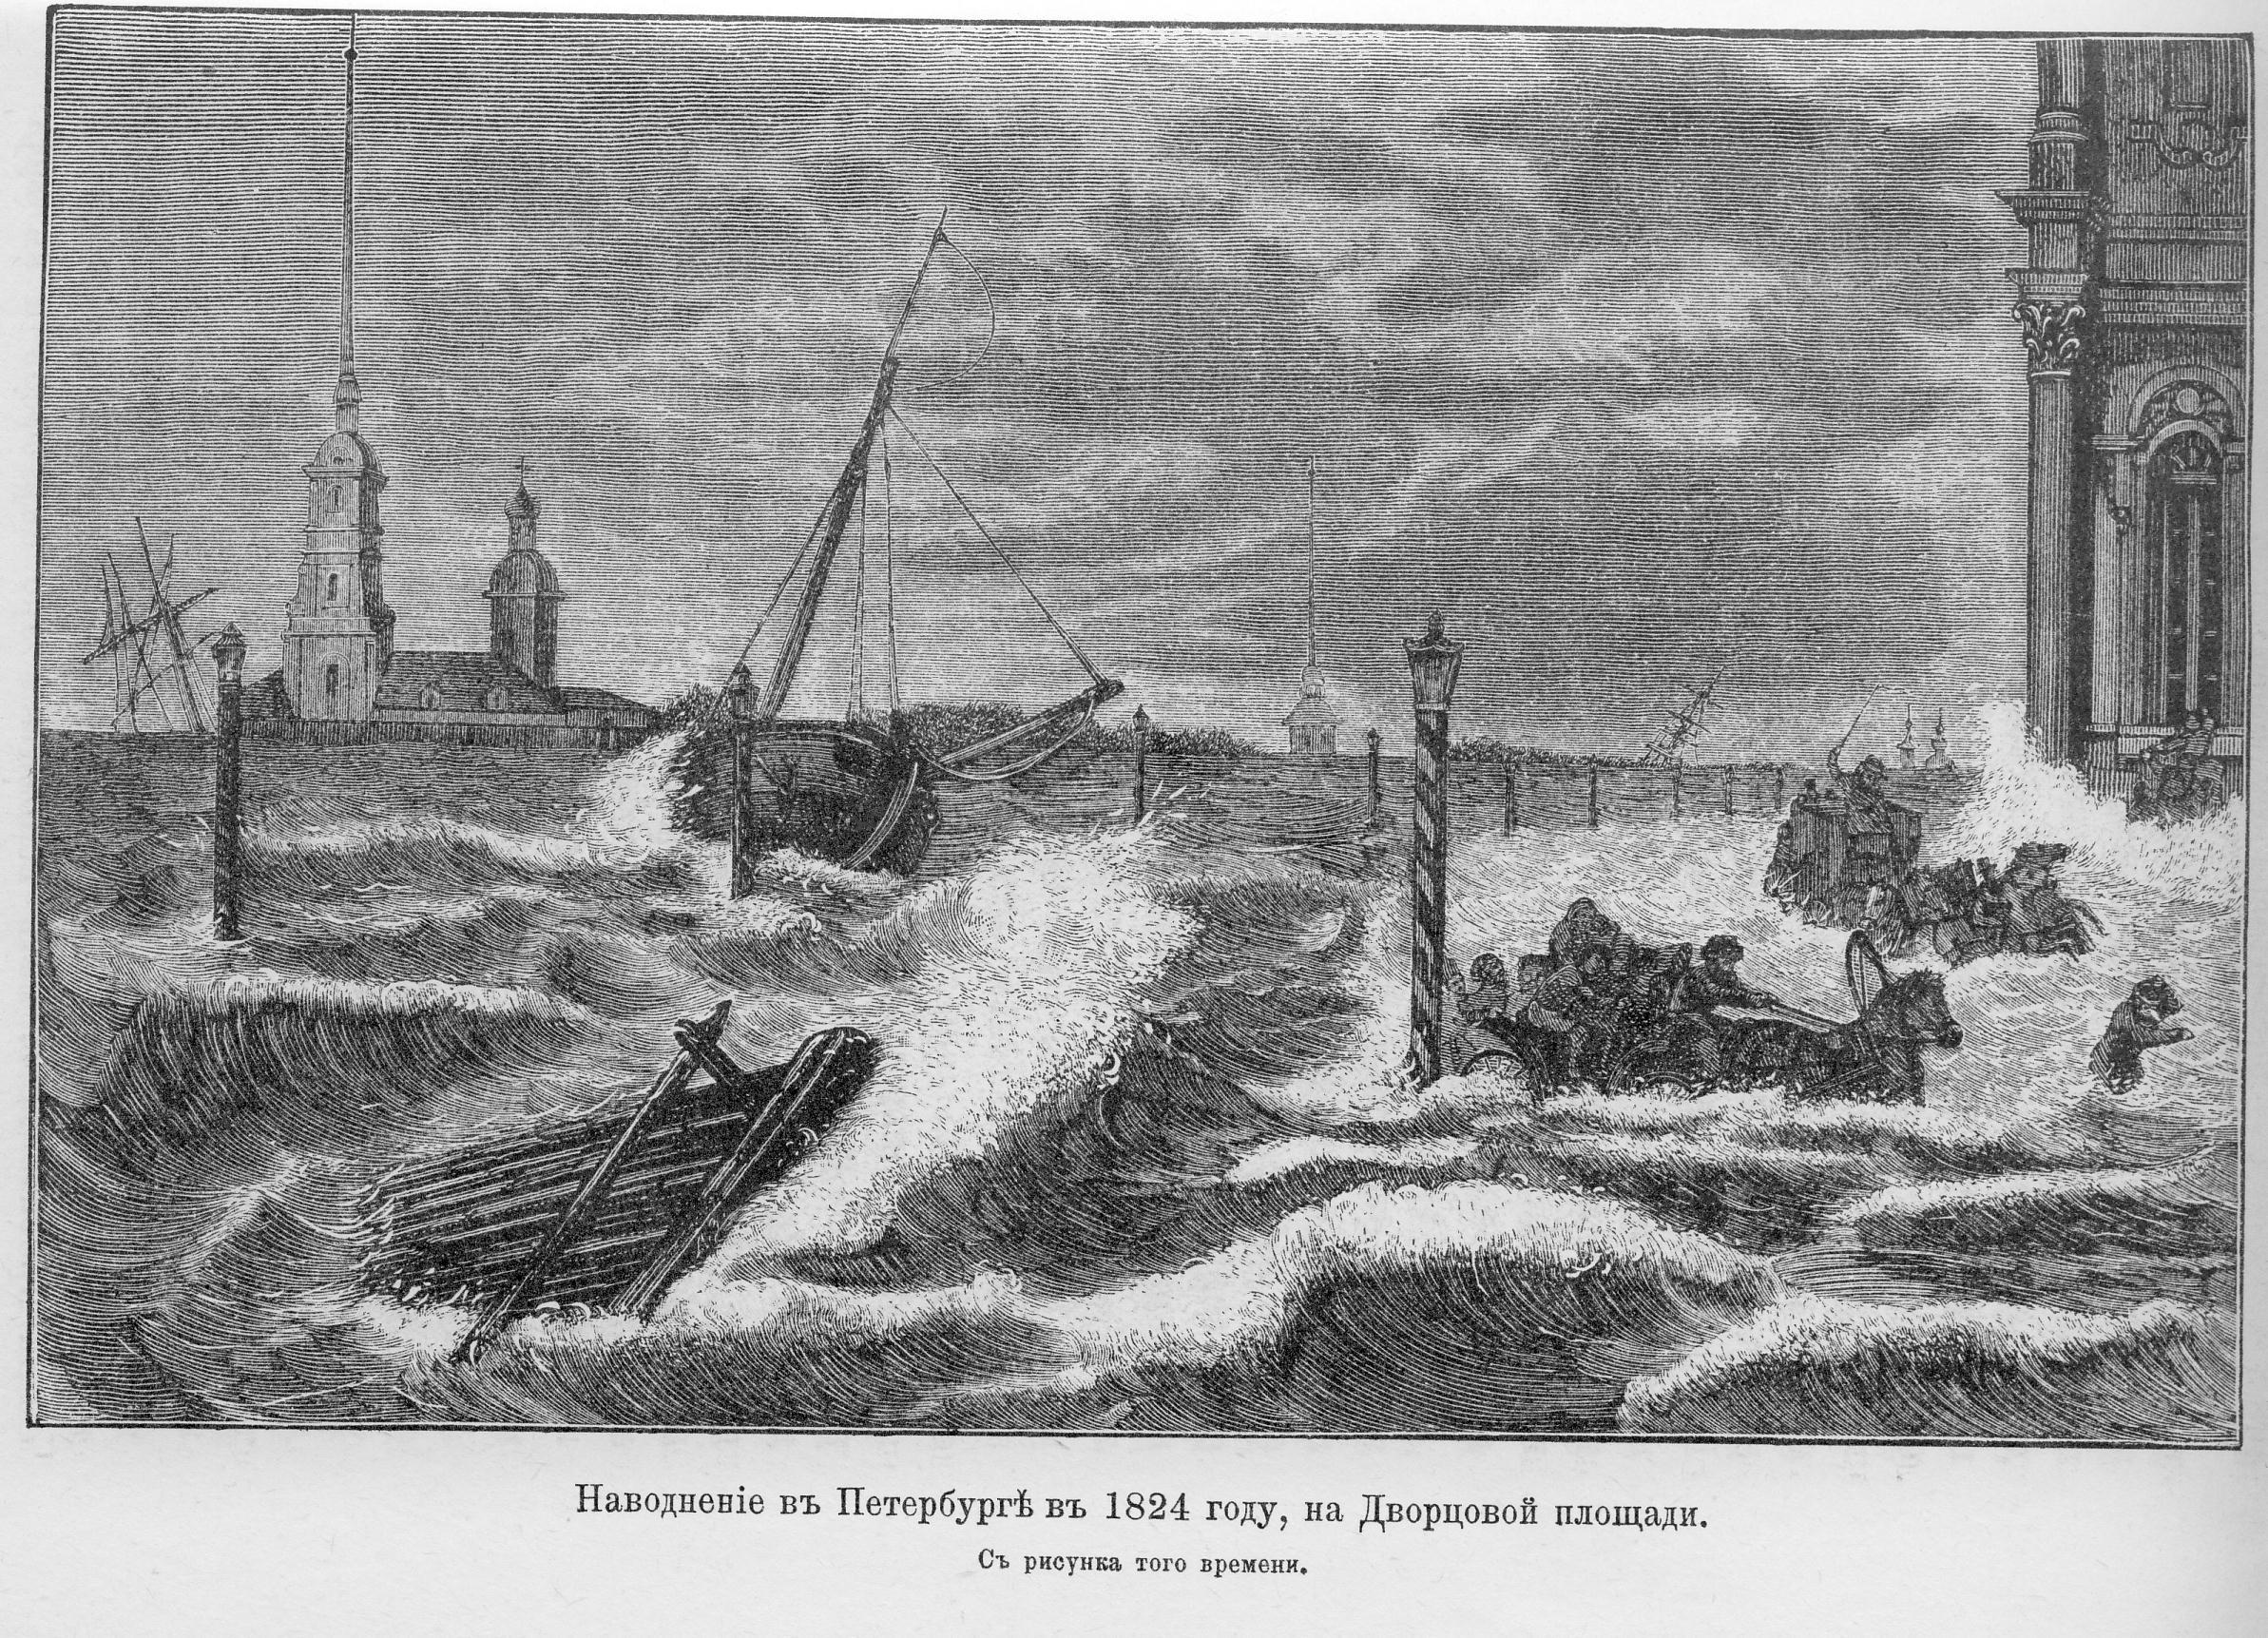 Наводнение в Петербурге в 1824 году